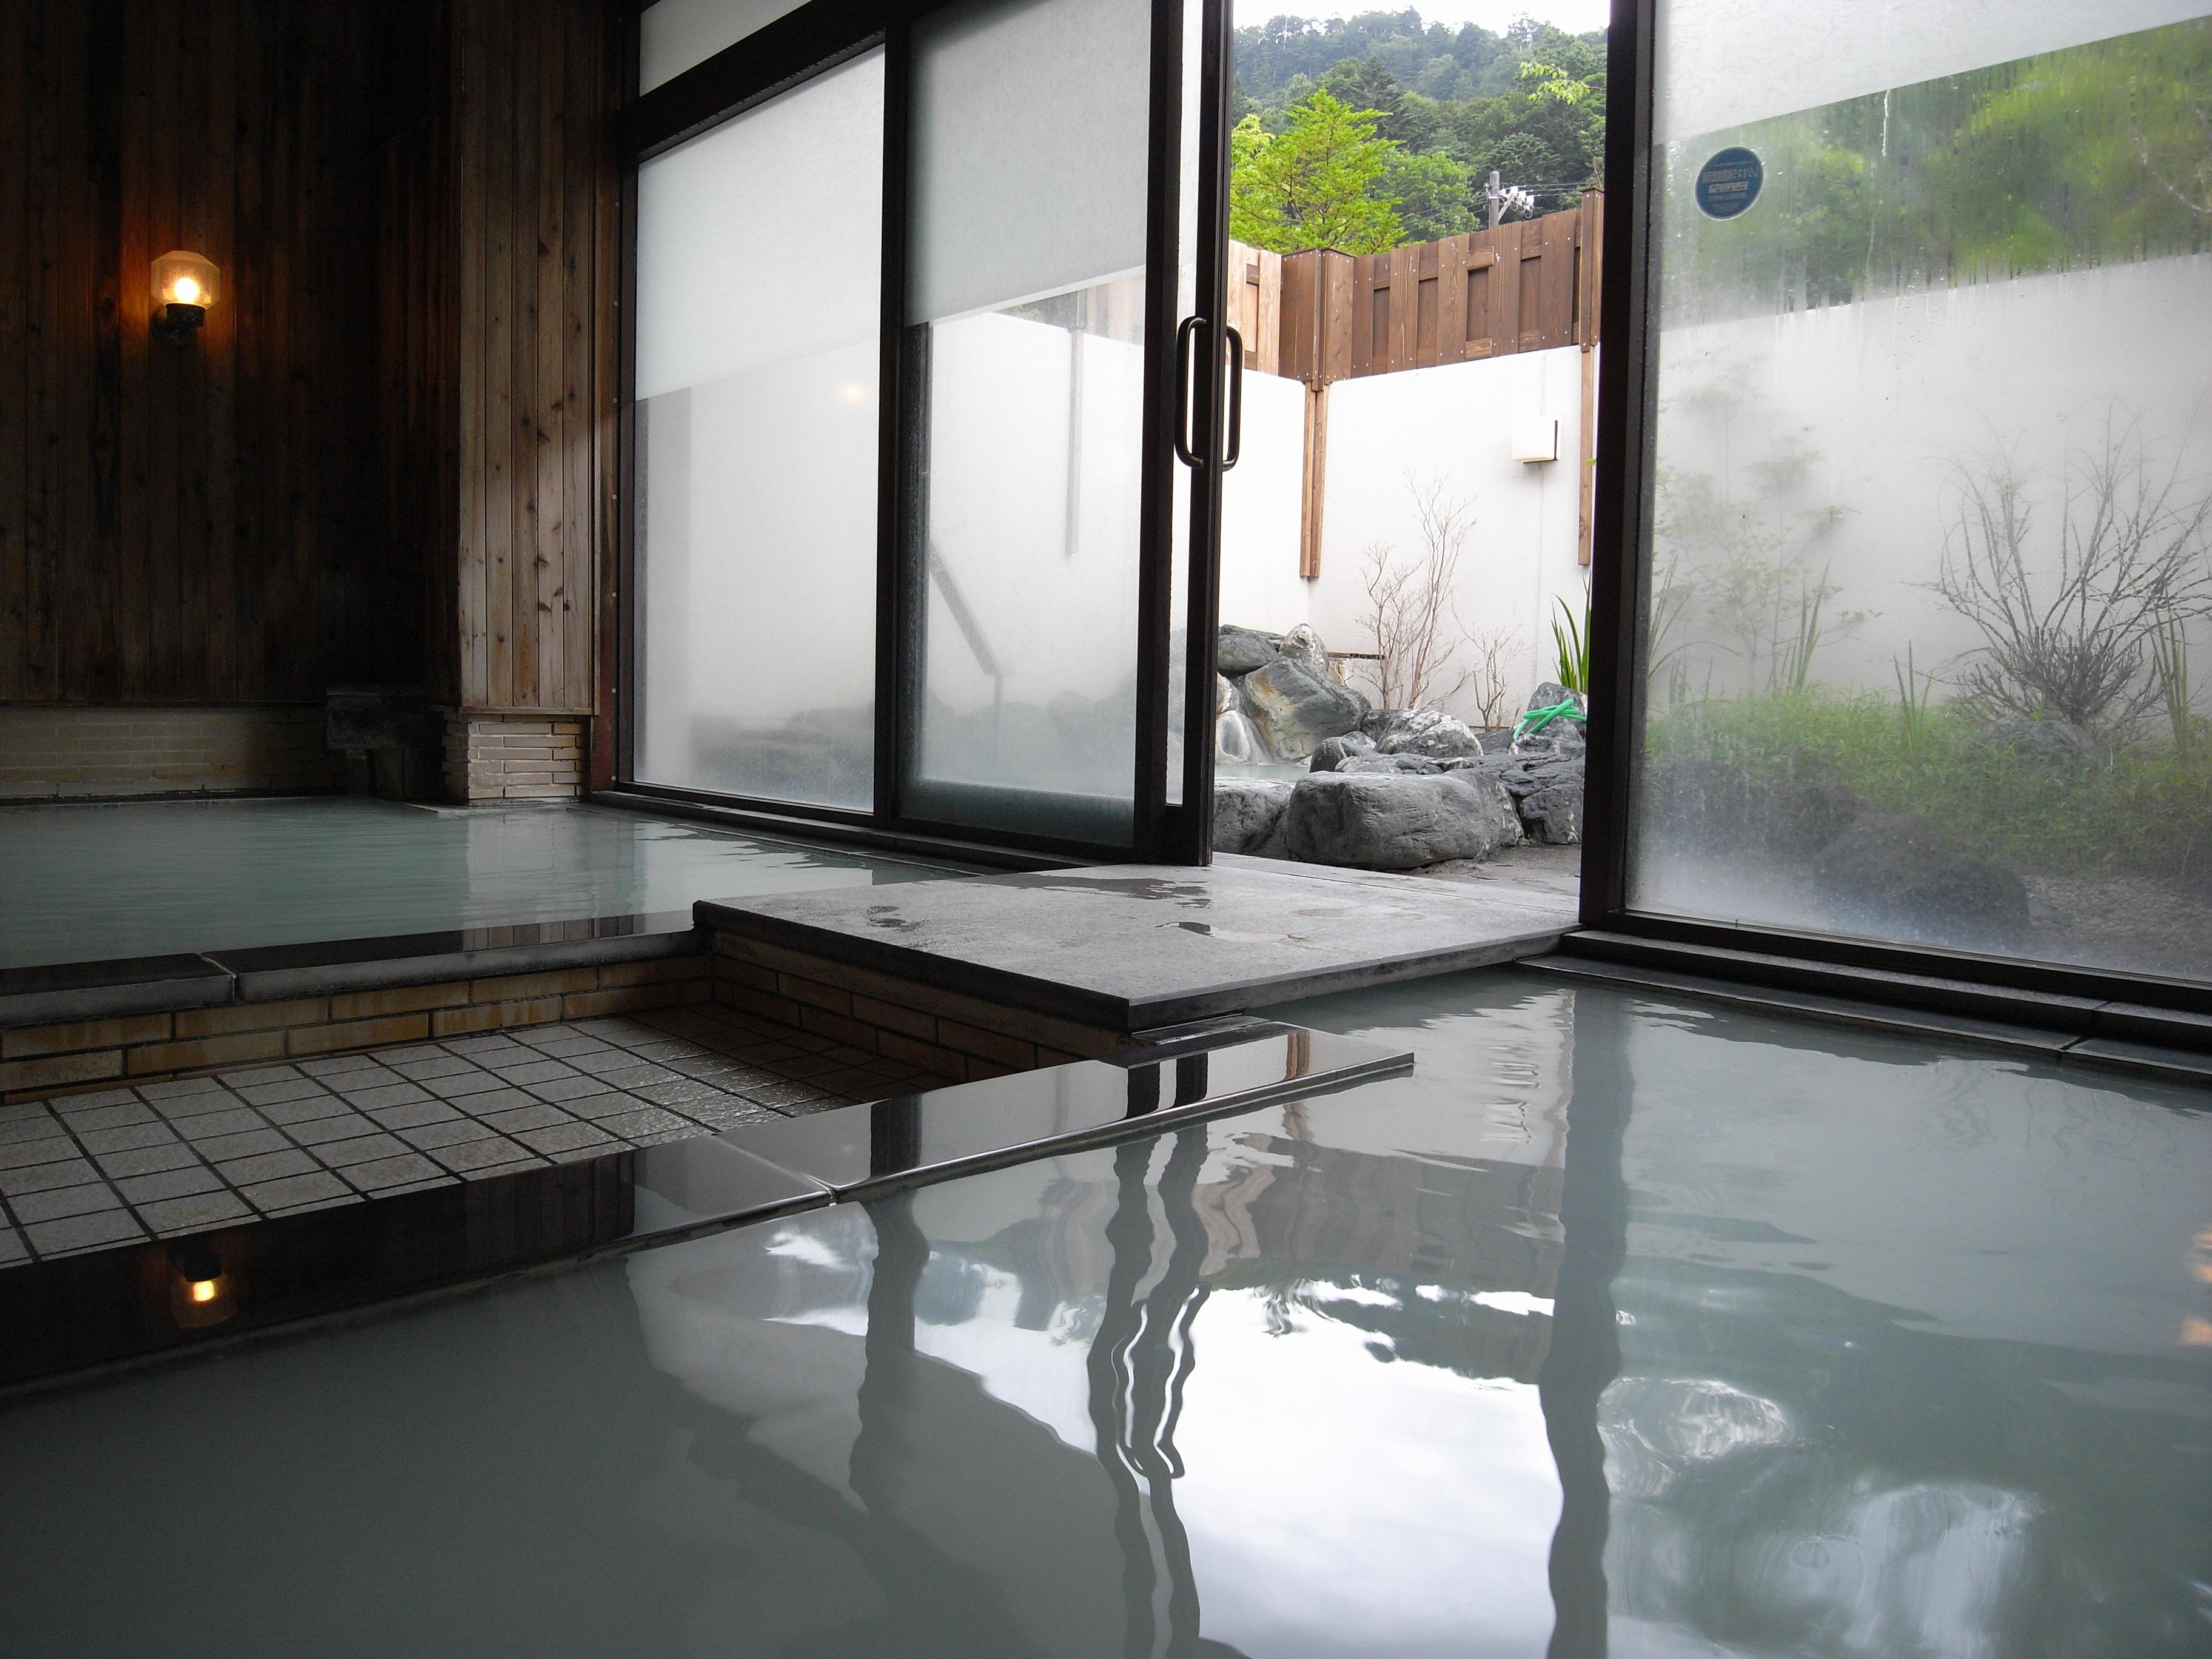 Okunikkohkamaya024